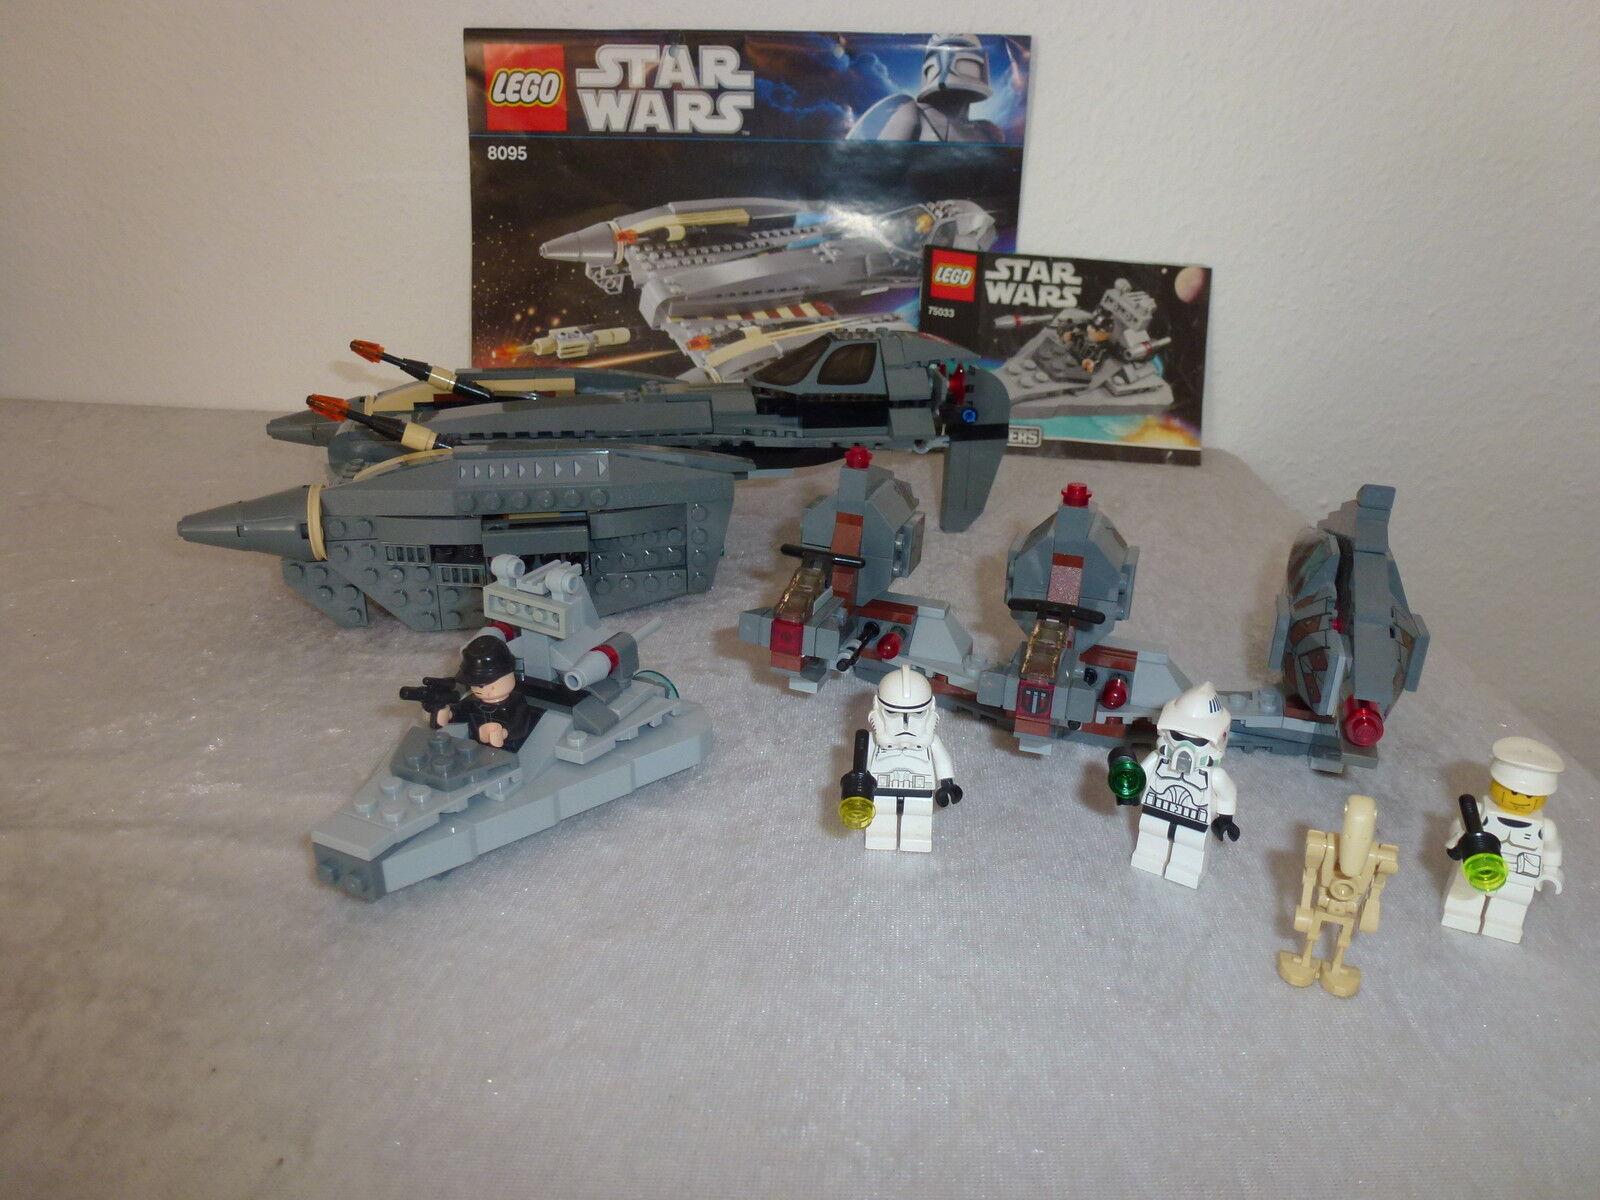 Lego Star Wars 8095 + 7957 + 75033  + OBA Rarität